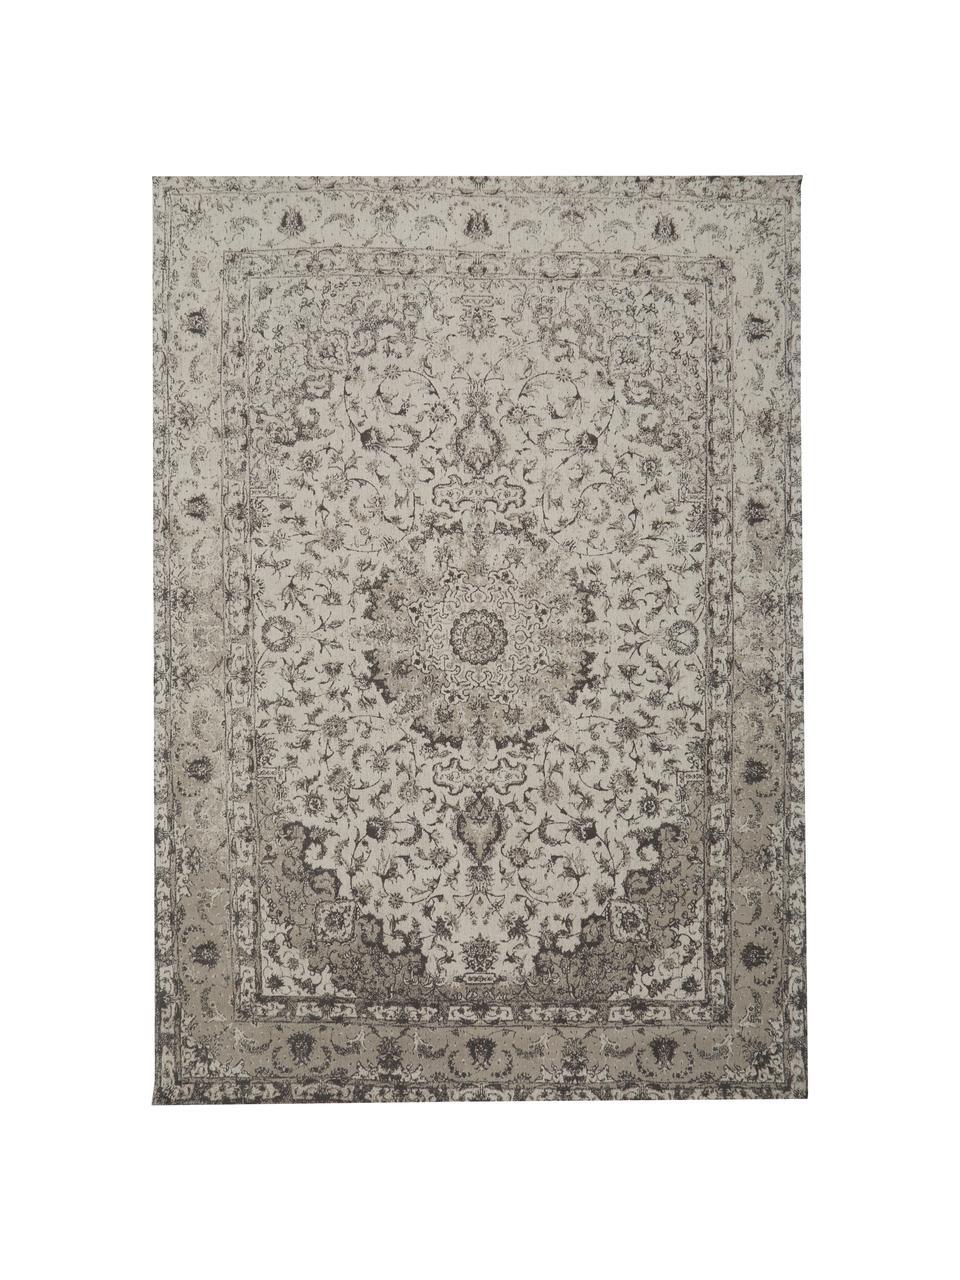 Vintage chenille vloerkleed Sofia in beige-grijs, handgeweven, Bovenzijde: 95% katoen, 5% polyester, Onderzijde: 100% katoen, Beige, grijs, B 200 x L 300 cm (maat L)